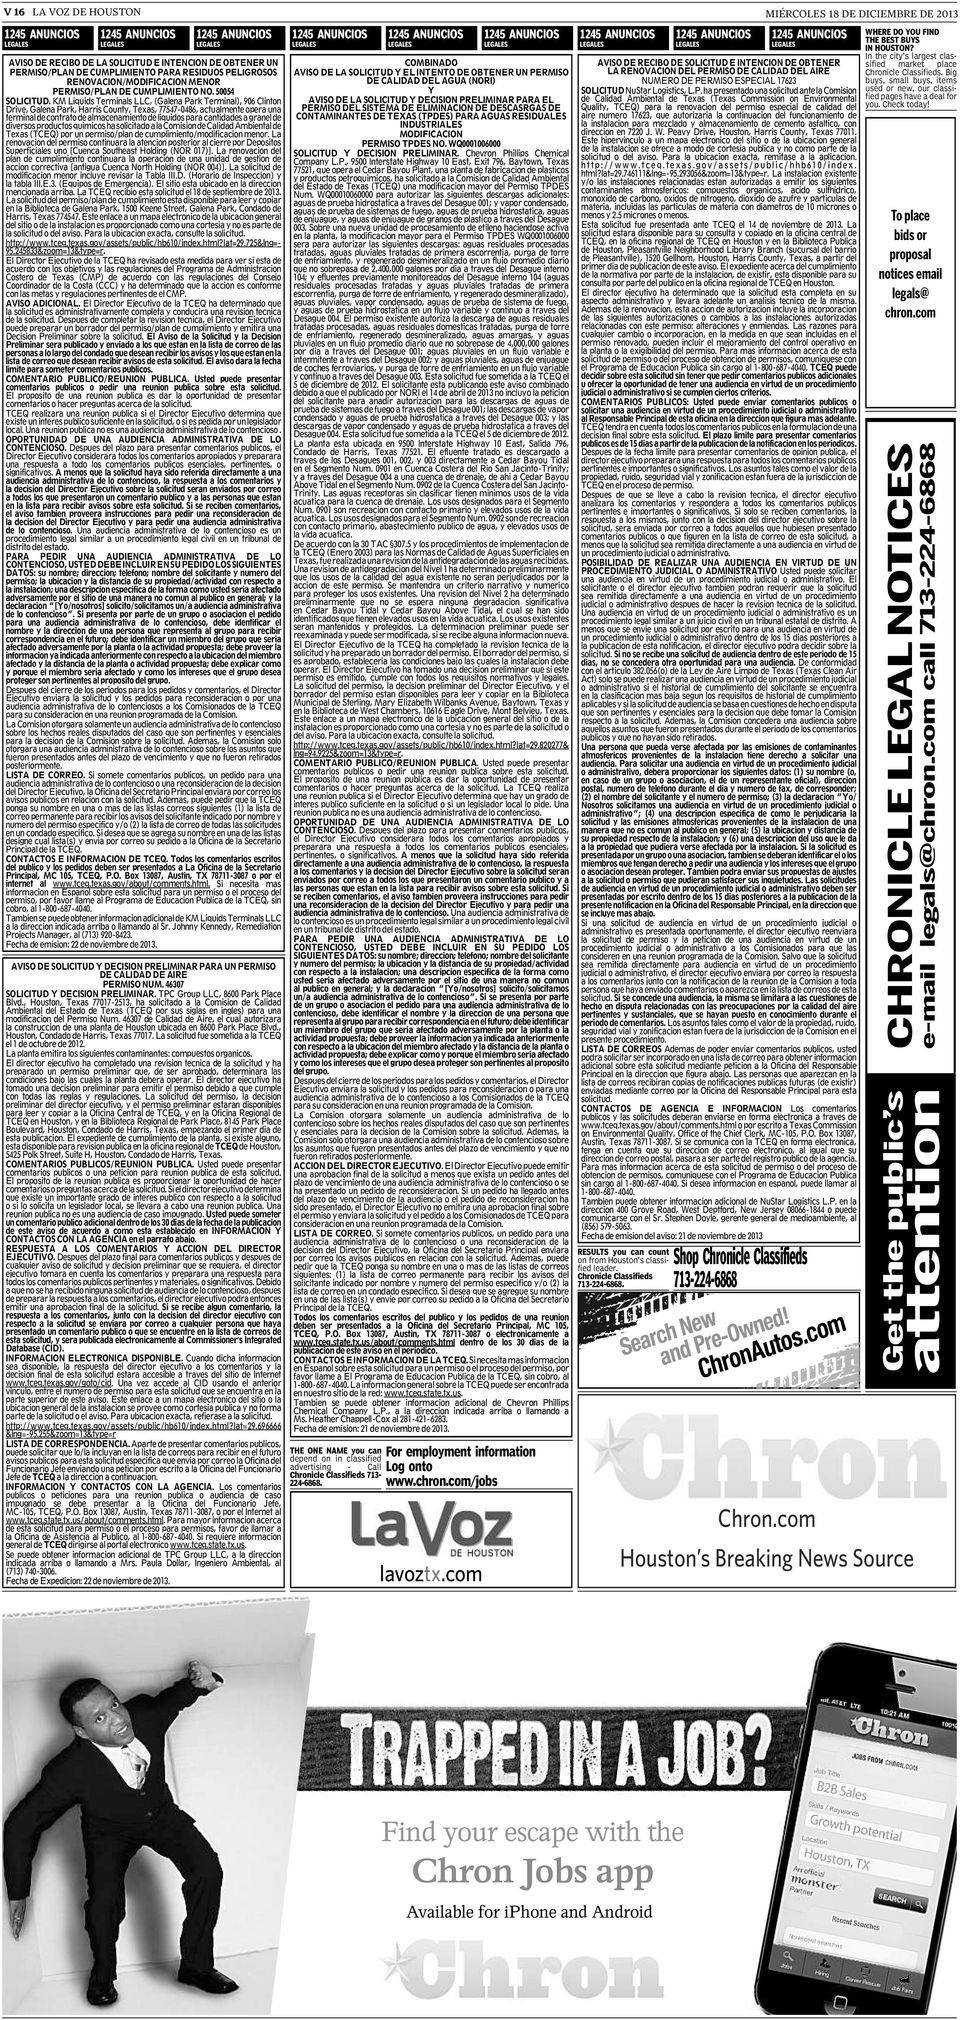 Calendario Laboral 2020 Zamora Mejores Y Más Novedosos Deportes Le³n Conquista Ttulo Delfºtbol Mexicano Decenas Of Calendario Laboral 2020 Zamora Más Actual Manutencion 477 [pdf Document]